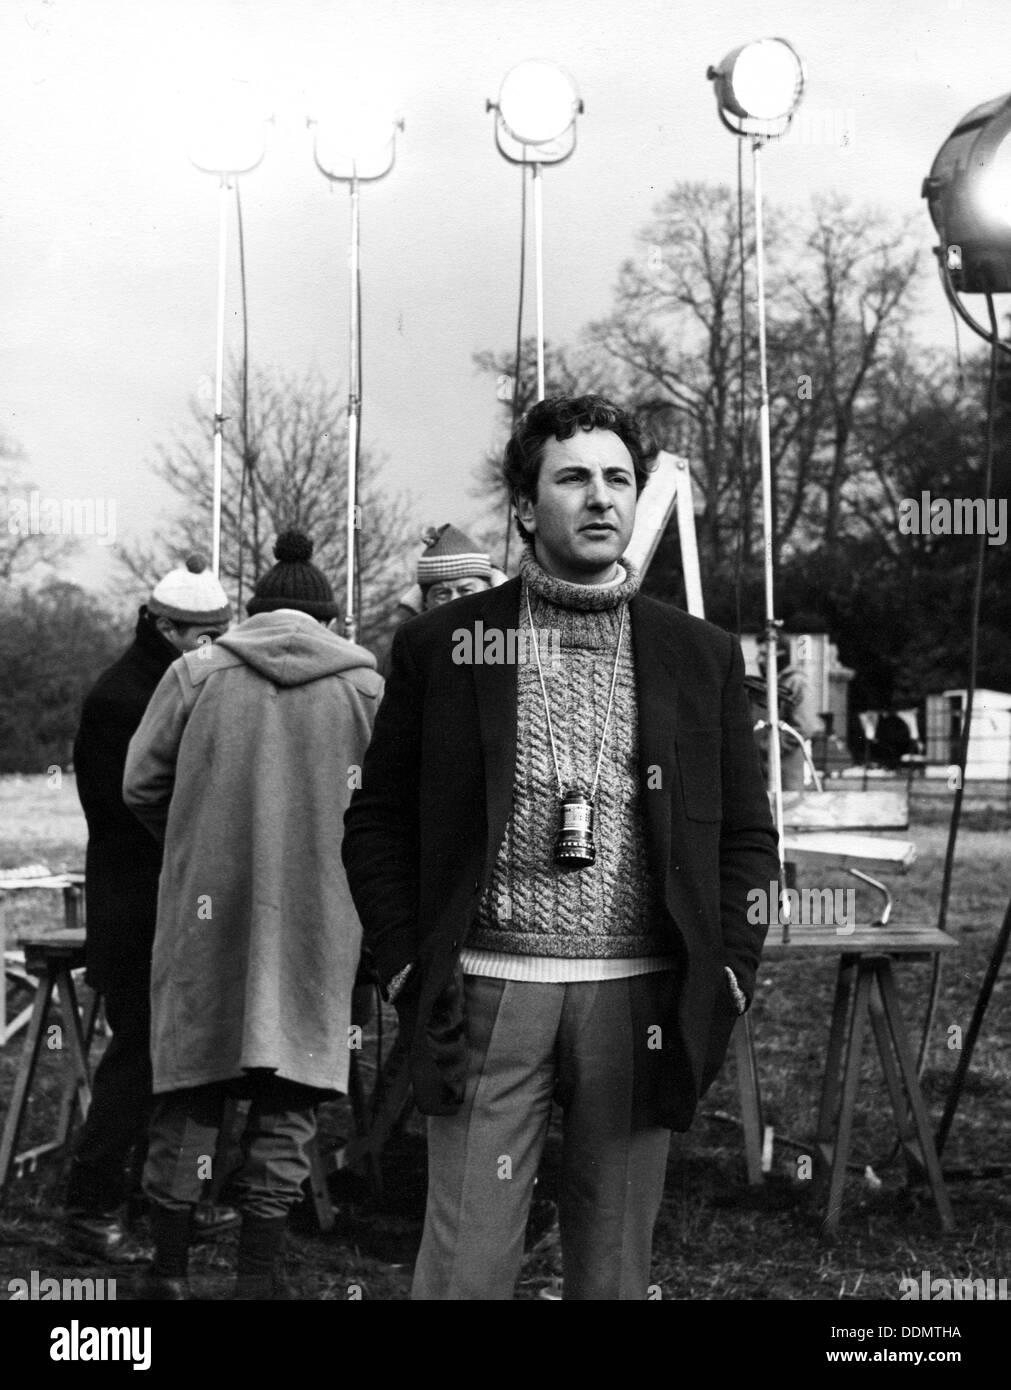 Michael Winner (1935- ), British Film maker. Stock Photo